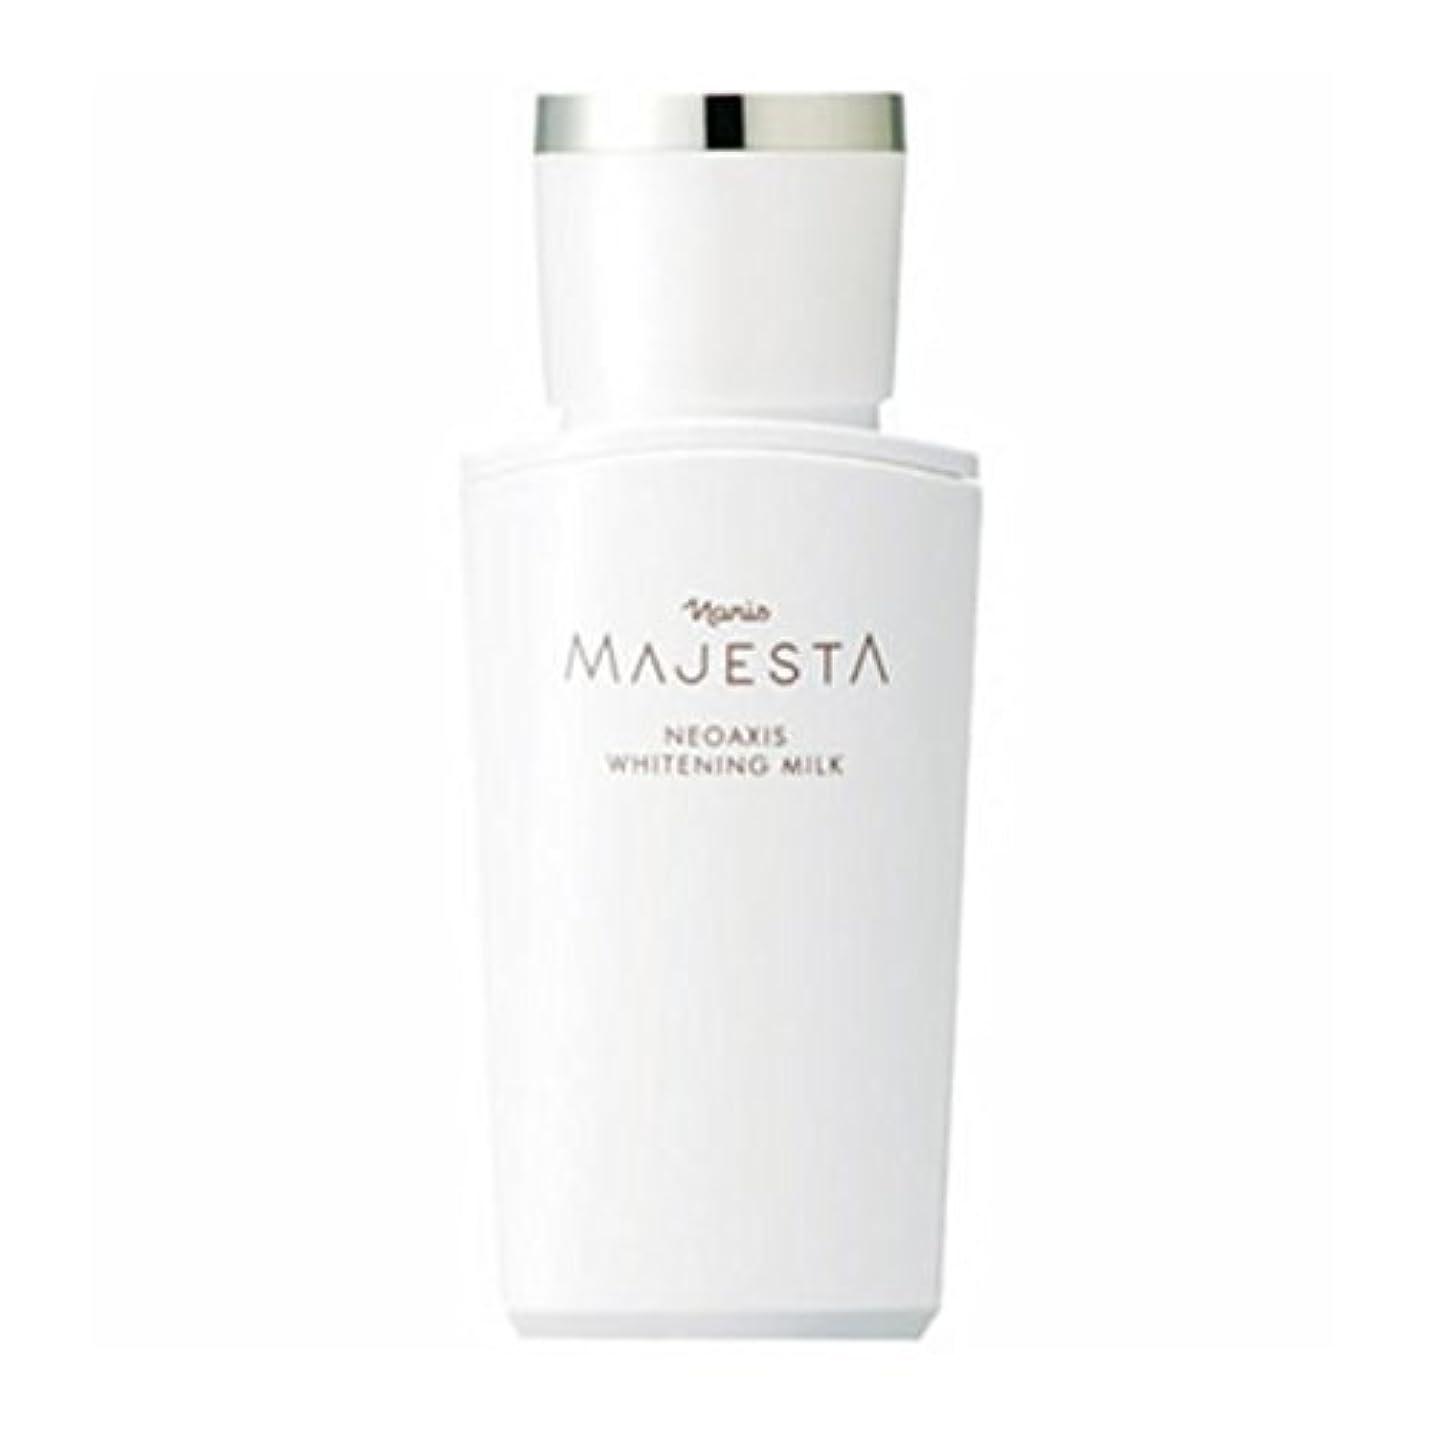 芽カスタム多用途ナリス化粧品 マジェスタ ネオアクシス ホワイトニング ミルク (薬用 美白乳液) 80ml